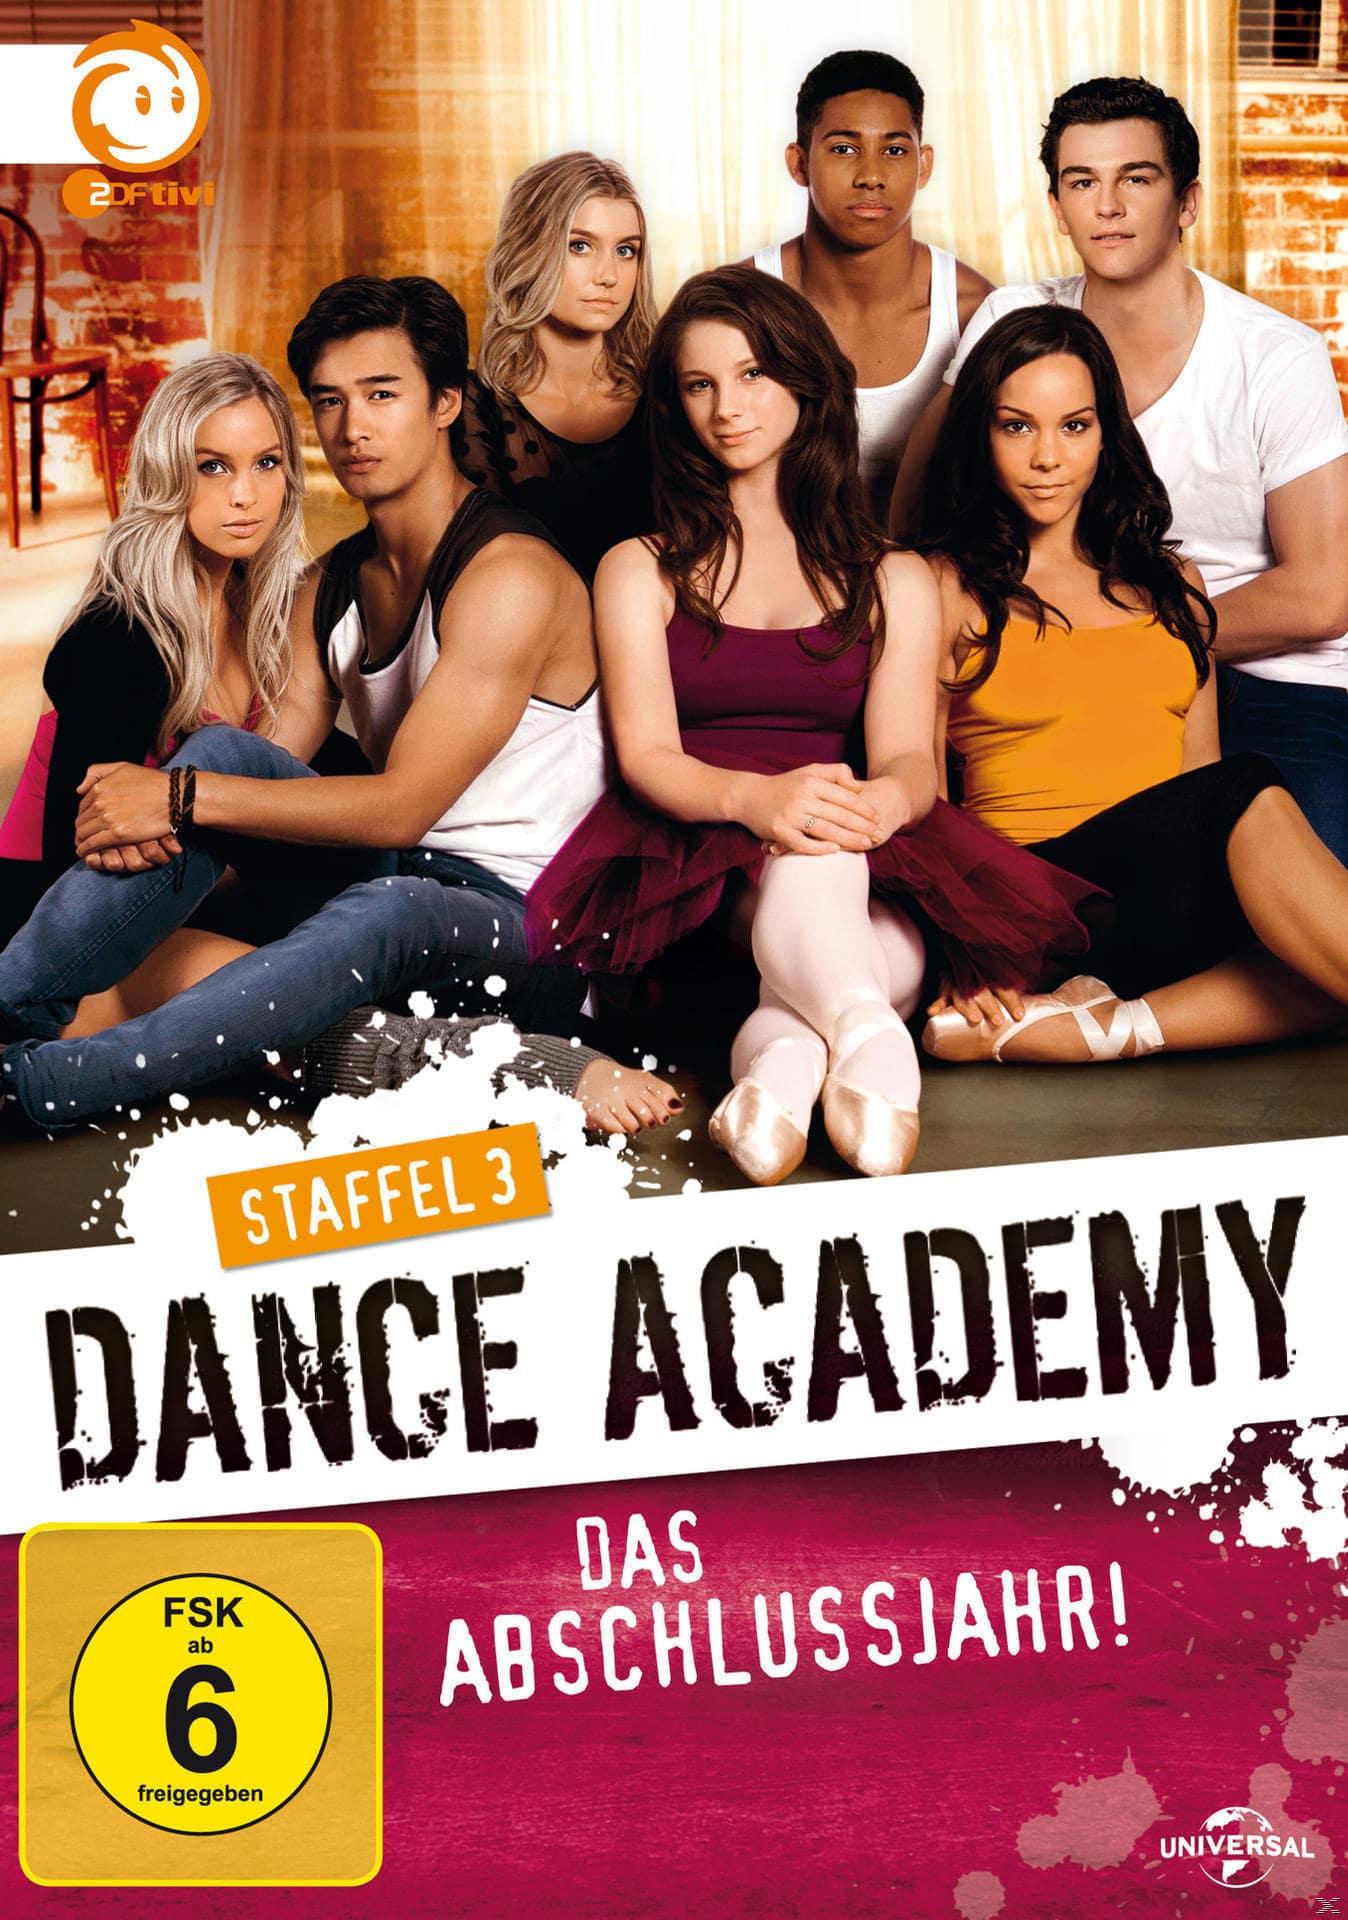 Dance Academy - Tanz deinen Traum! - Staffel 3 DVD-Box (DVD) für 14,99 Euro